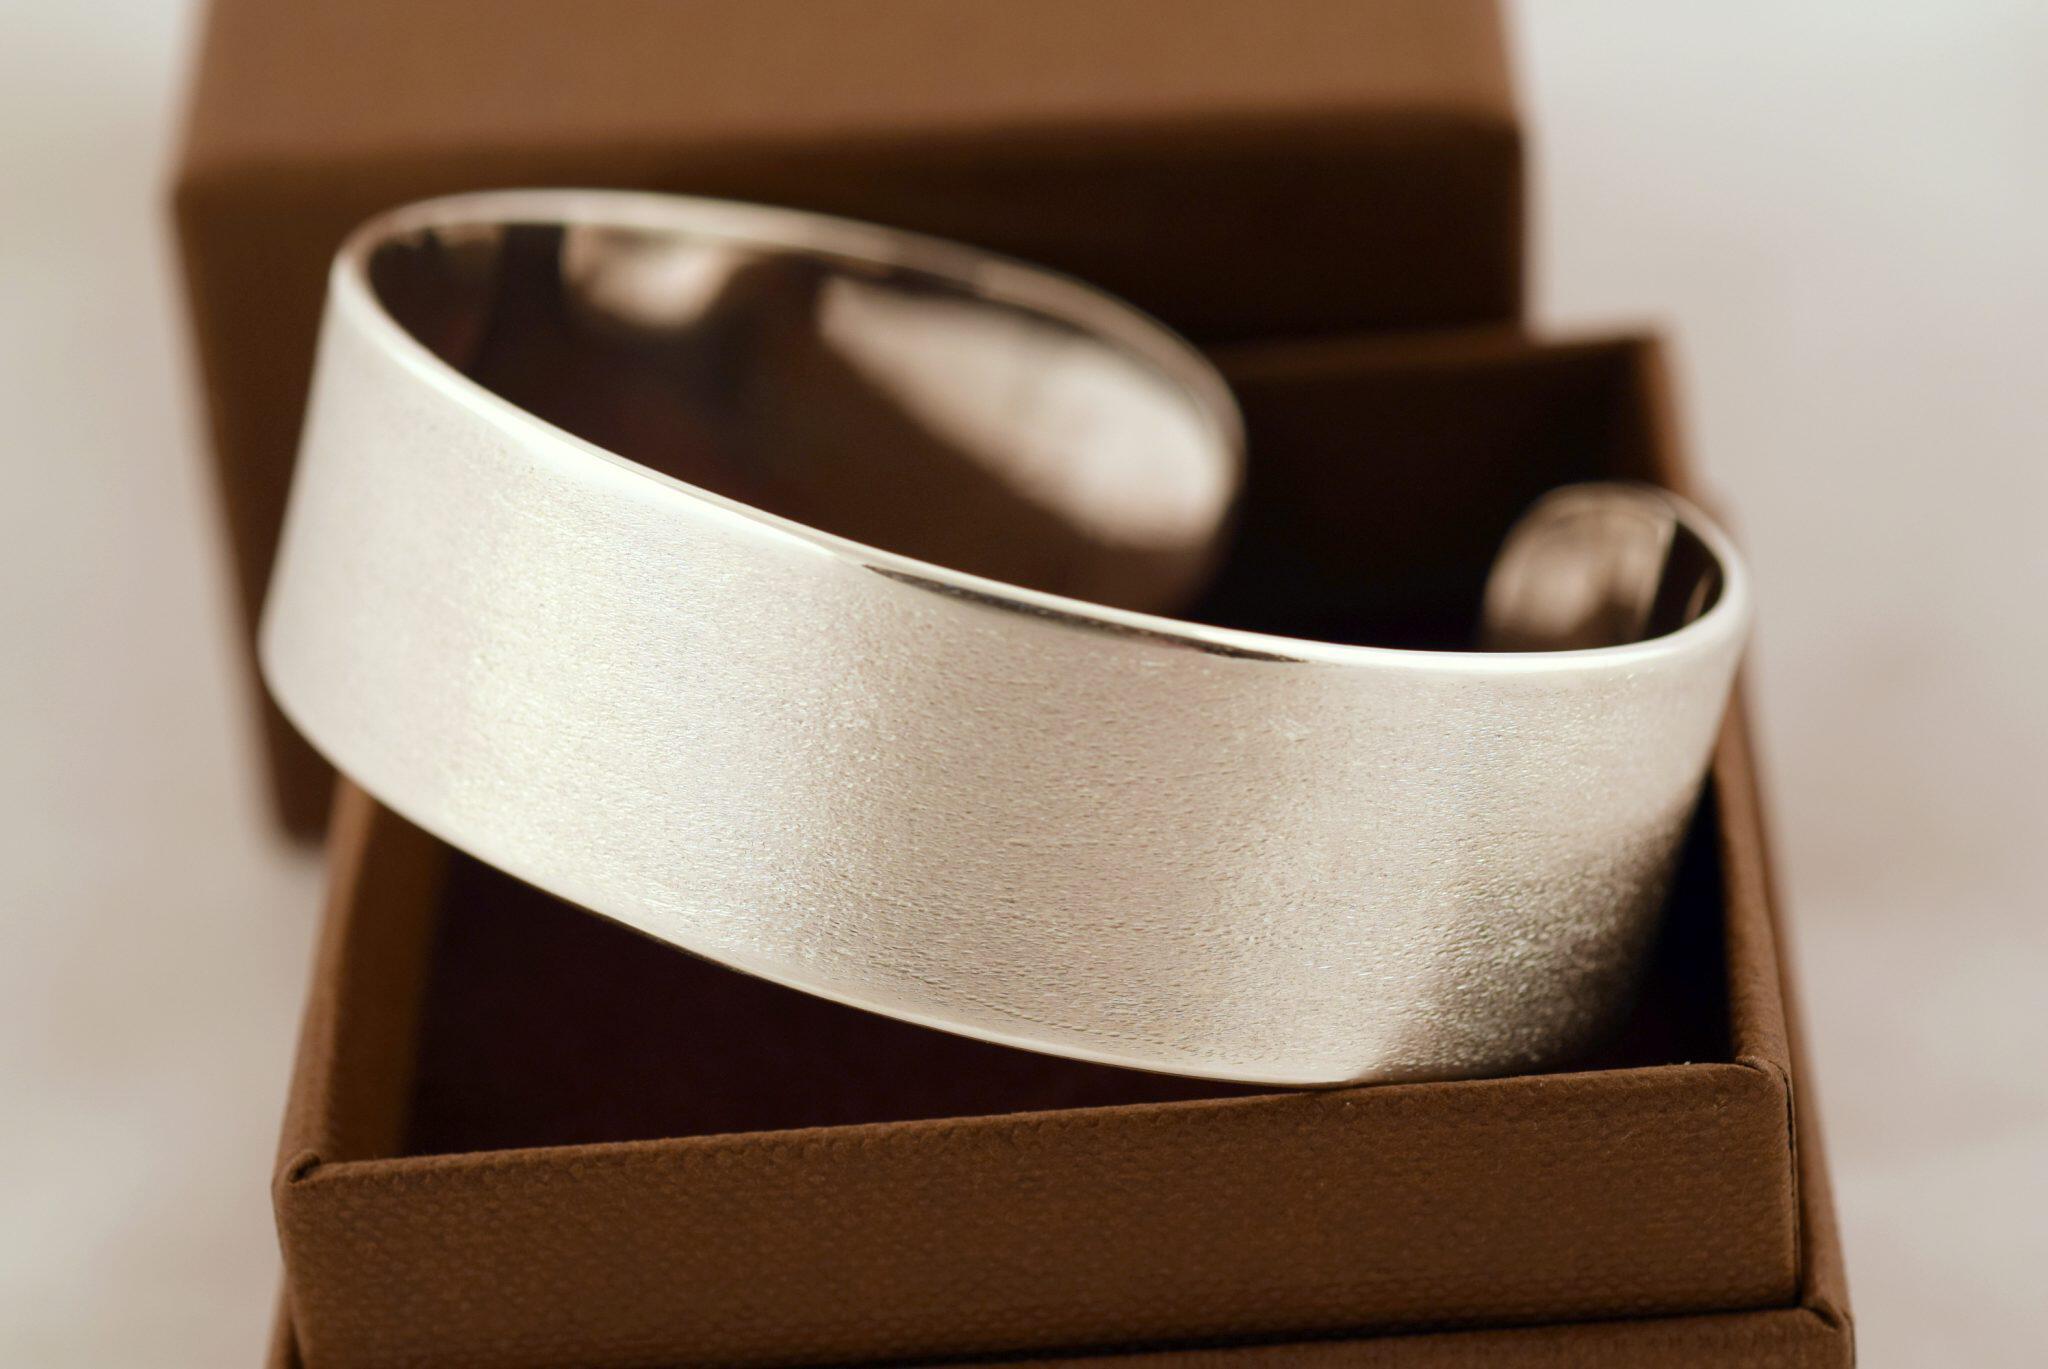 Ανδρικό βραχιόλι 20mm από ασήμι 925 βραχιόλια   ανδρικά βραχιόλια